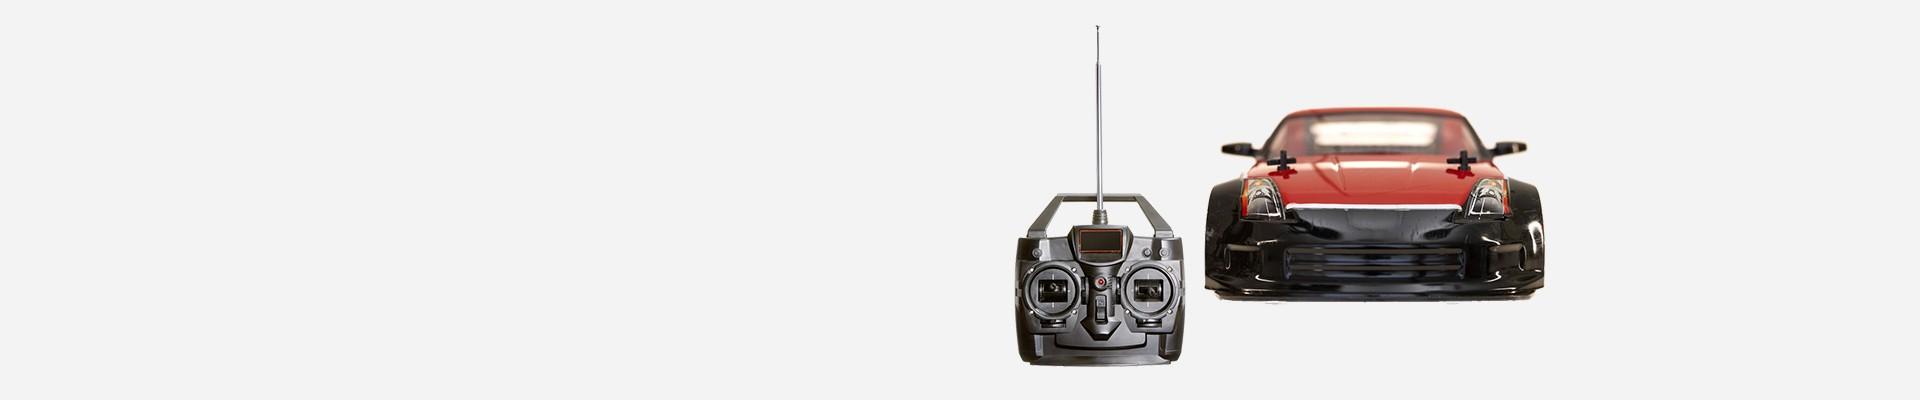 Jual Mainan Remote Control Harga Terbaik